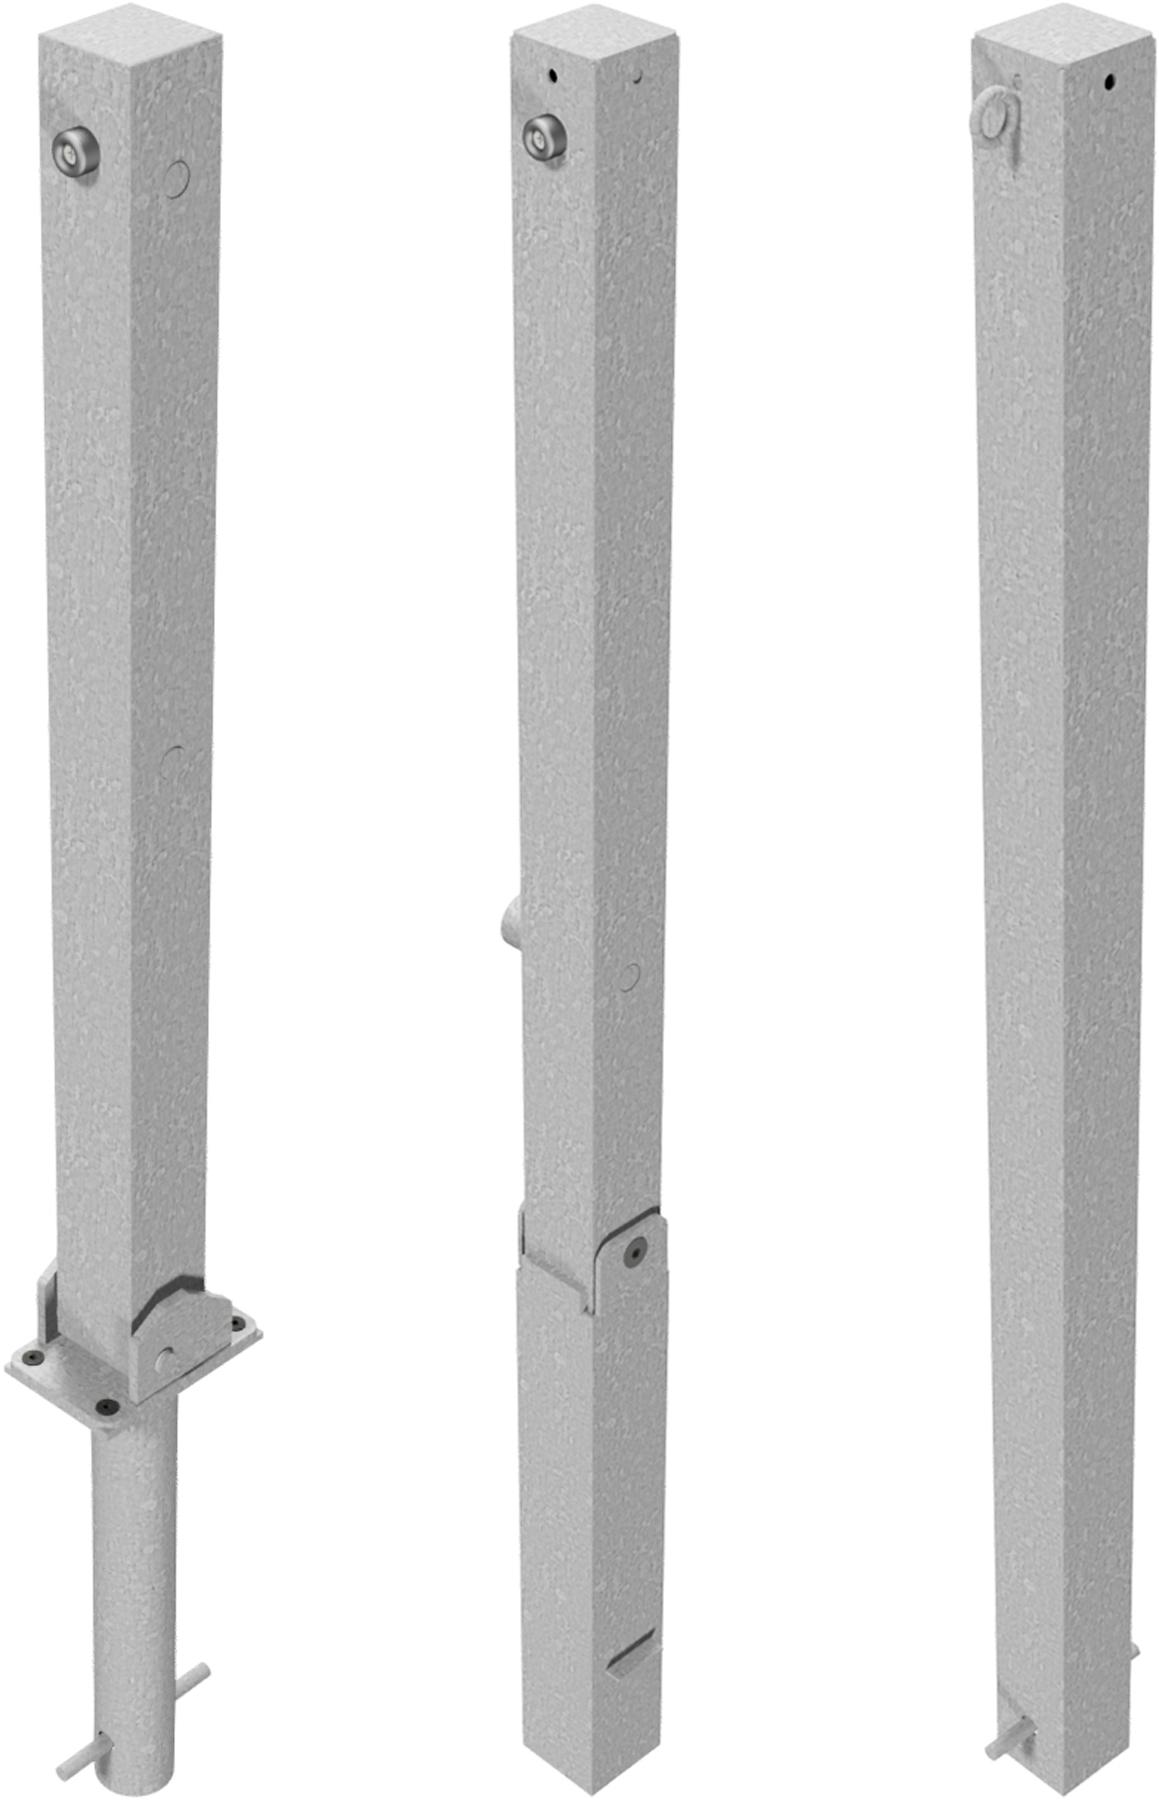 Schake Absperrpfosten Stahl 70 x 70 mm verzinkt